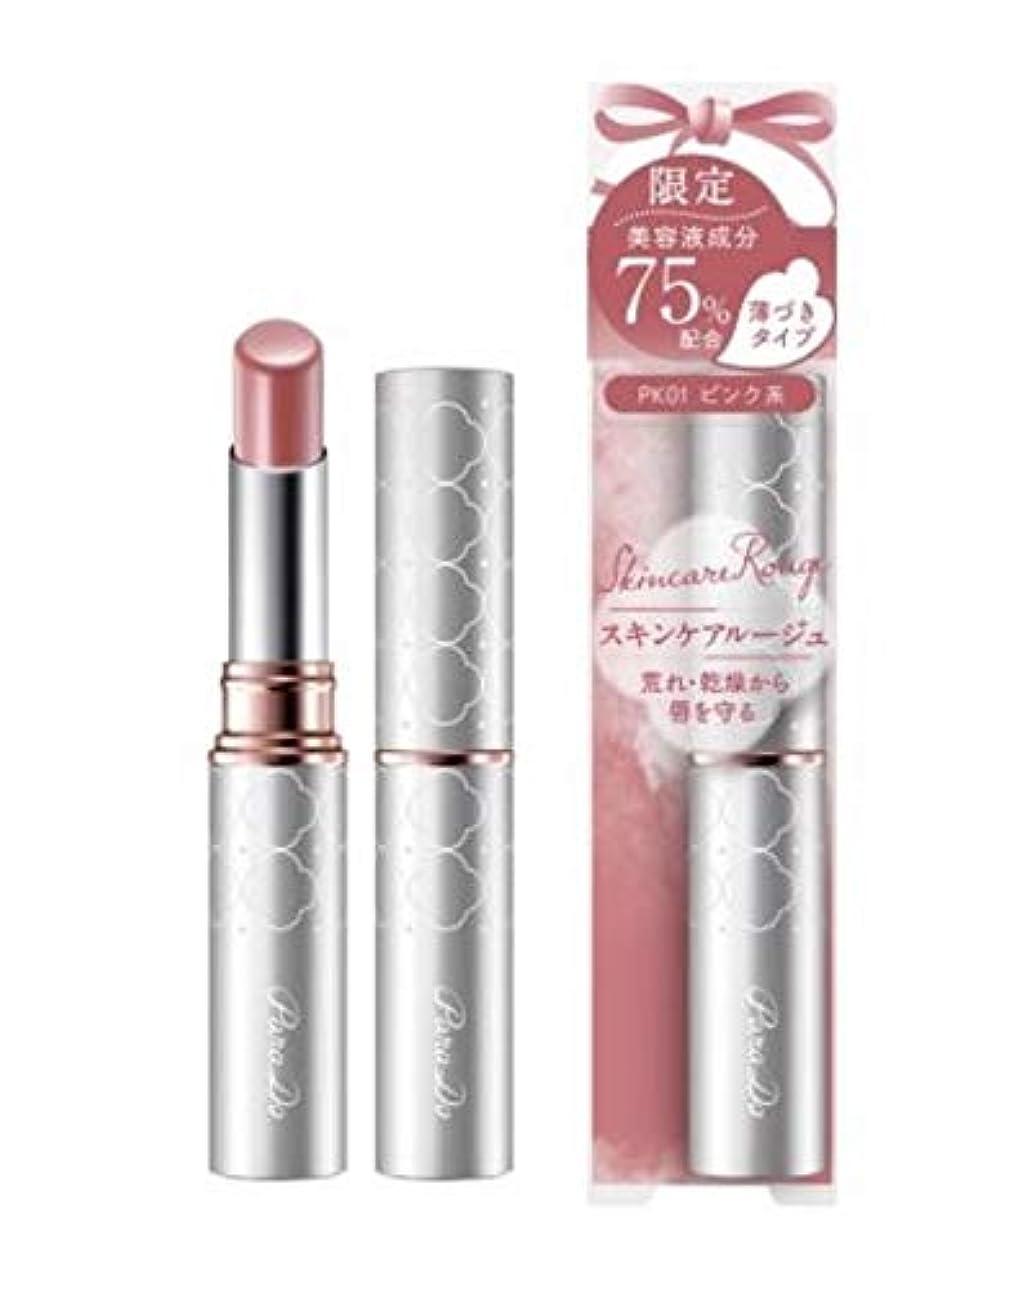 うつドロータッチパラドゥ スキンケアルージュ PK01 季節限定色(ピンク系)2.2g